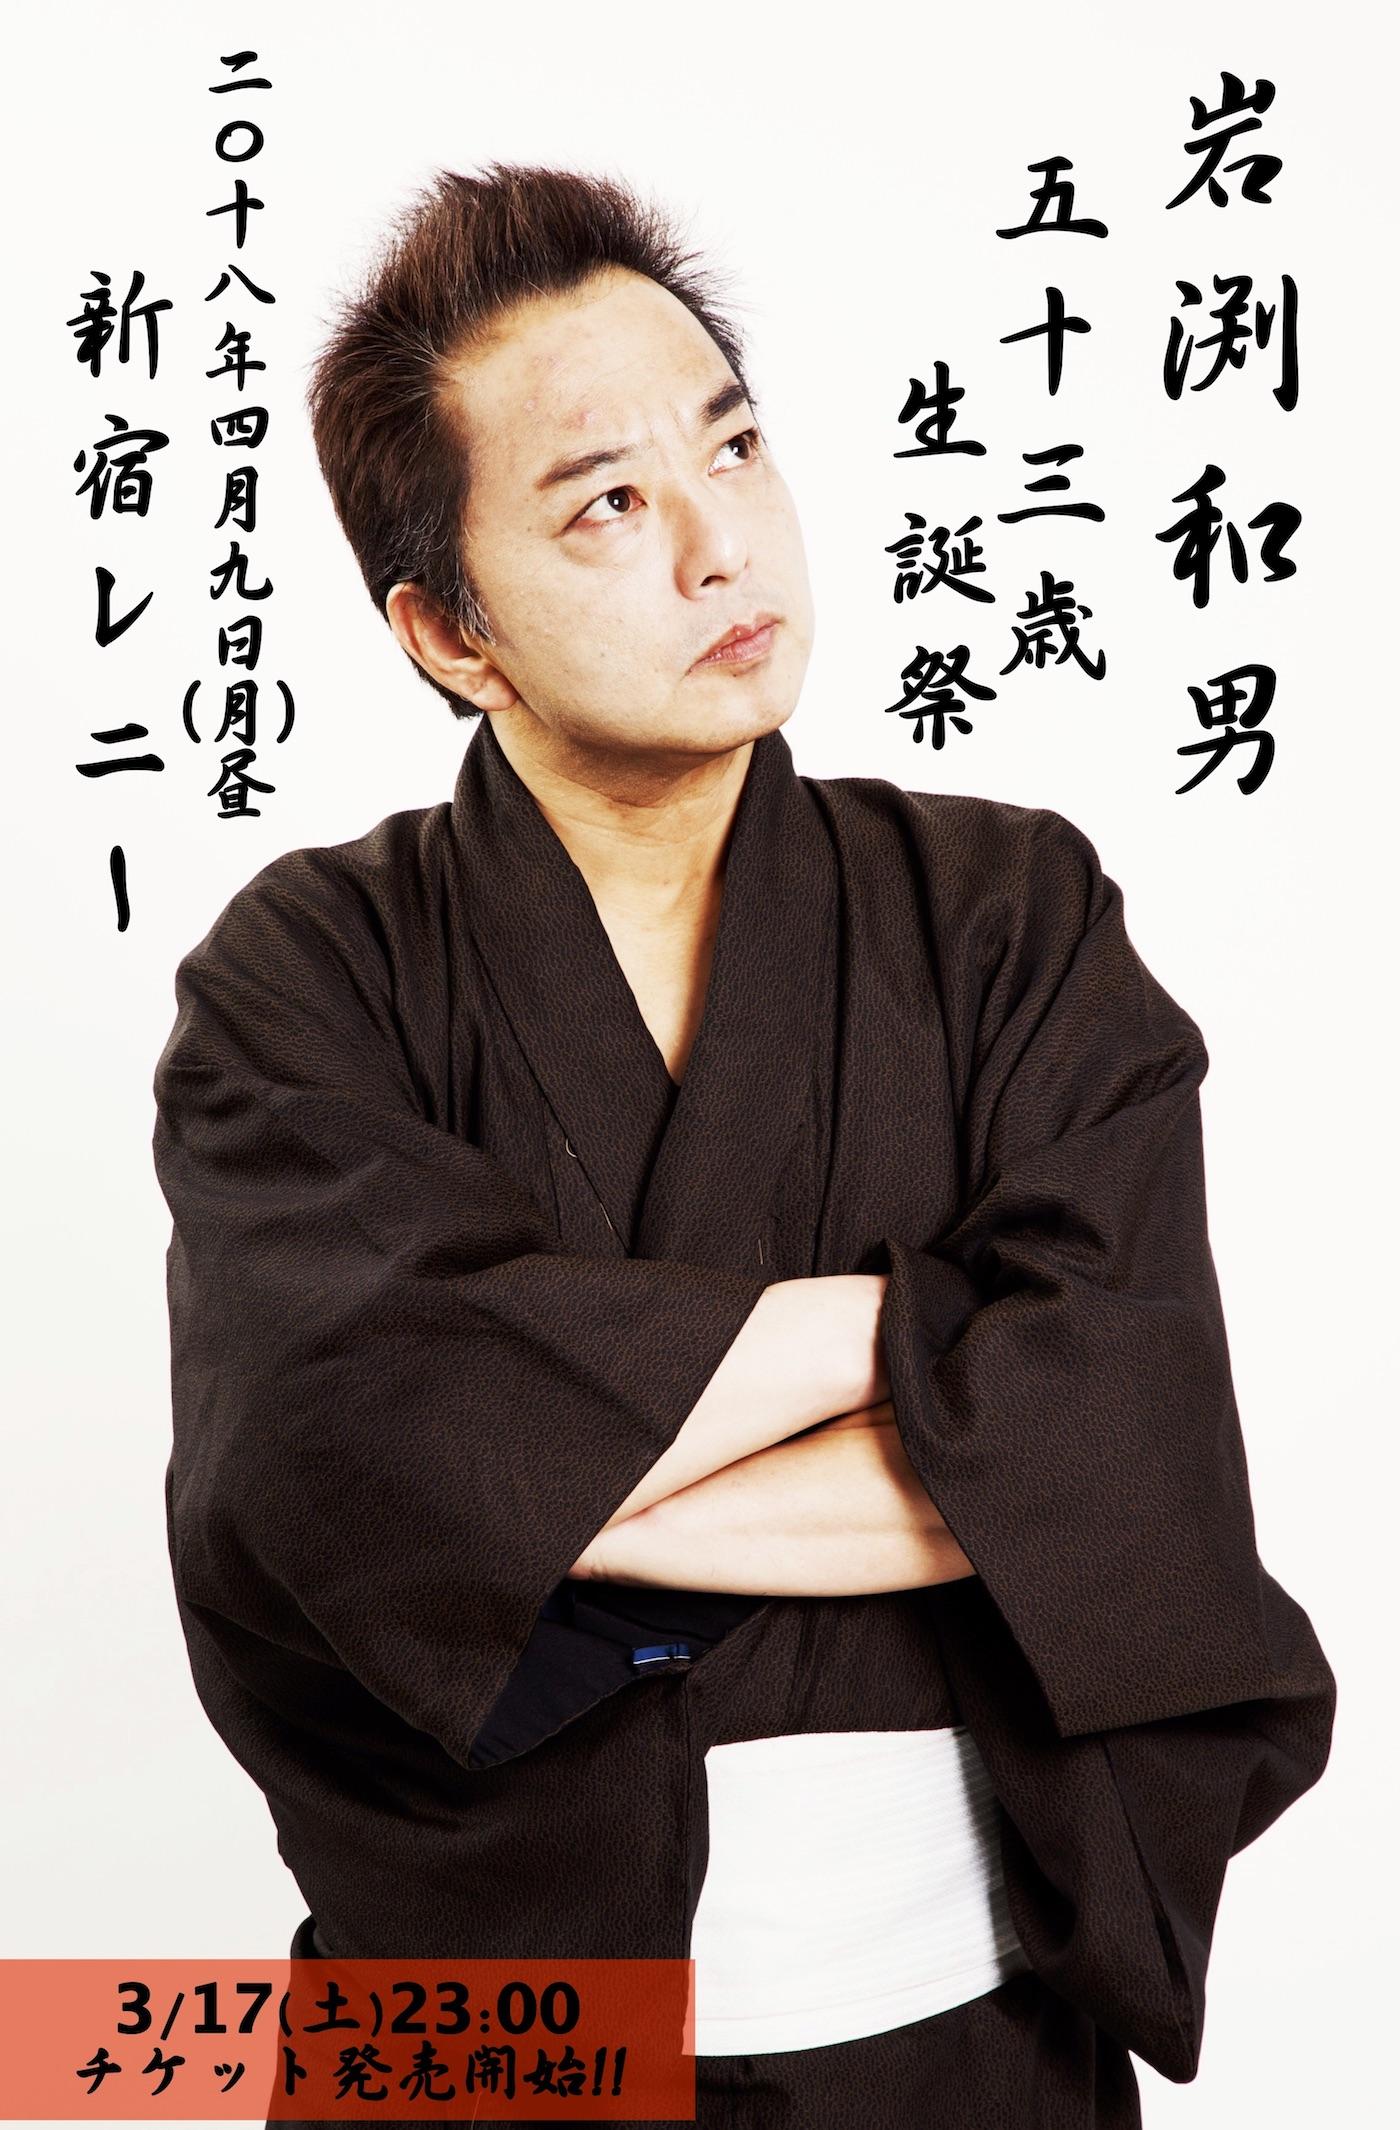 岩渕和男 五十三歳 生誕祭